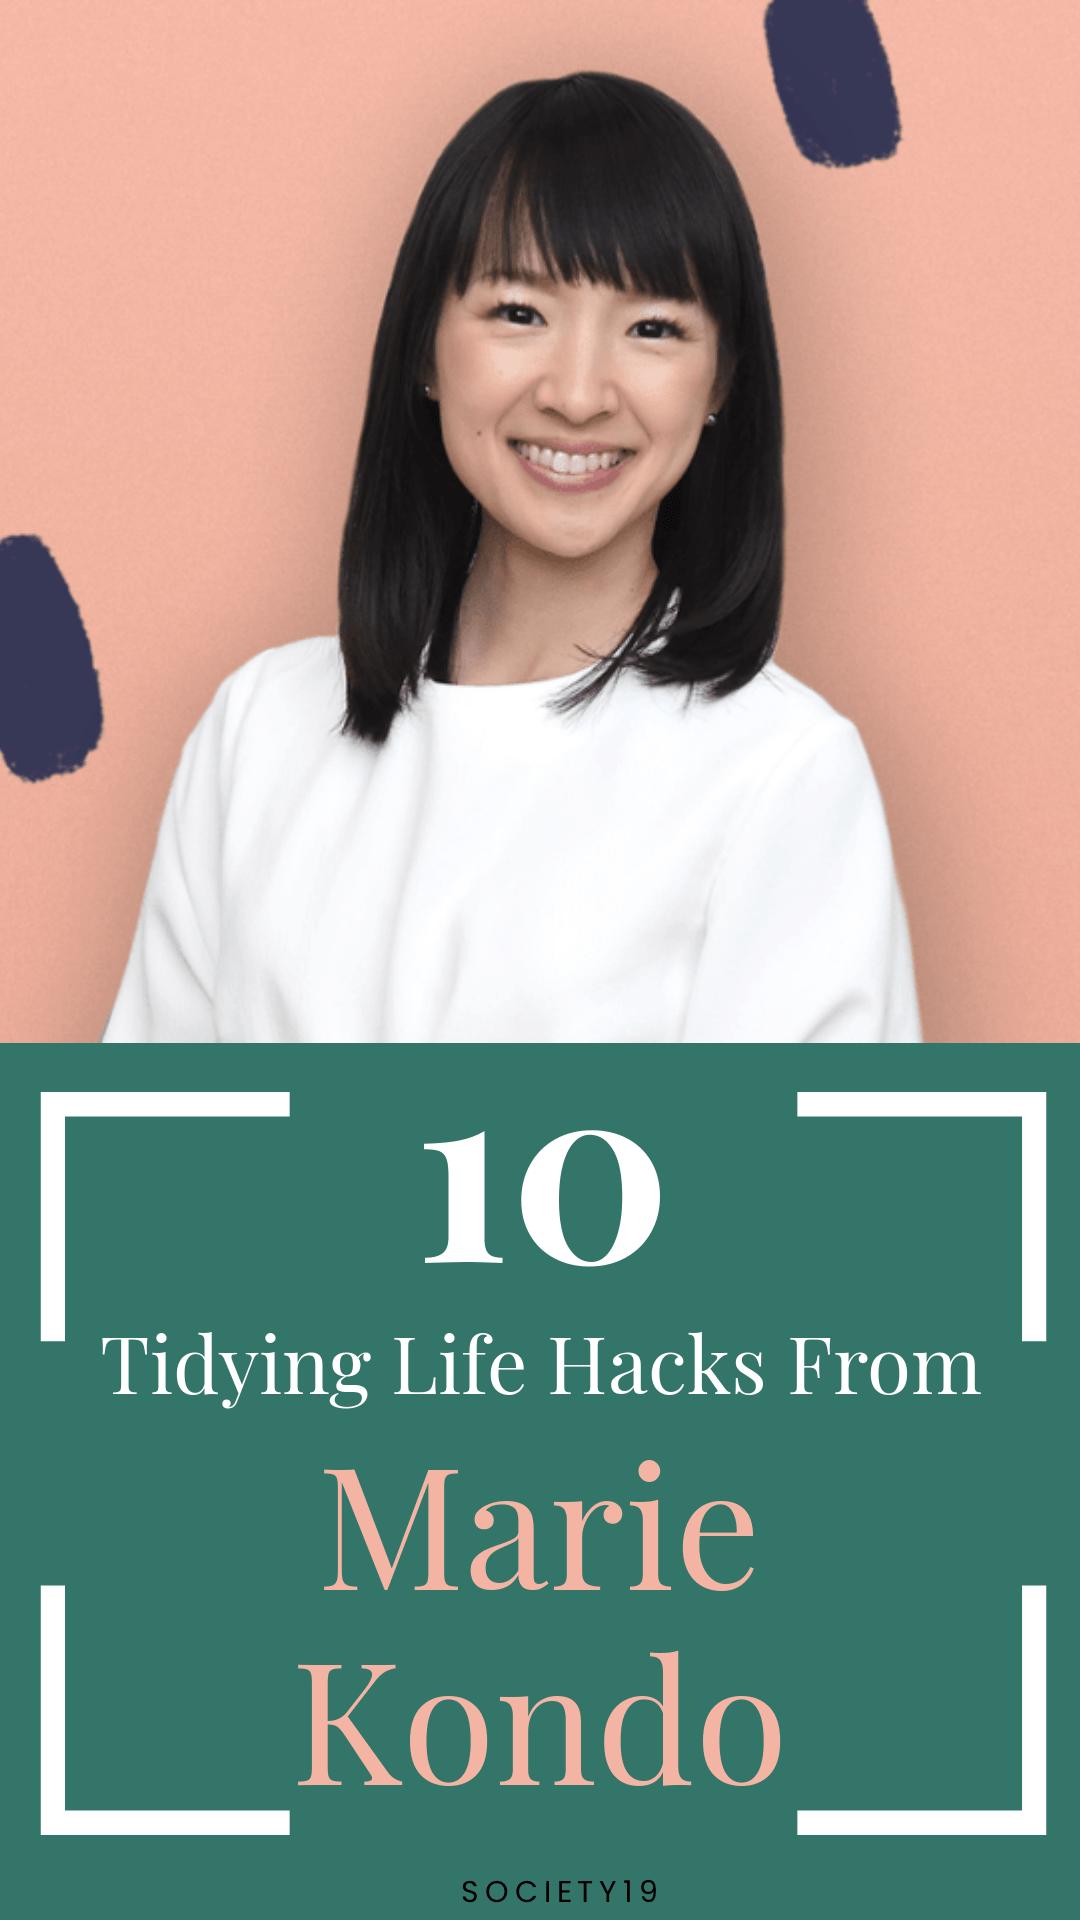 10 Tidying Life Hacks From Marie Kondo